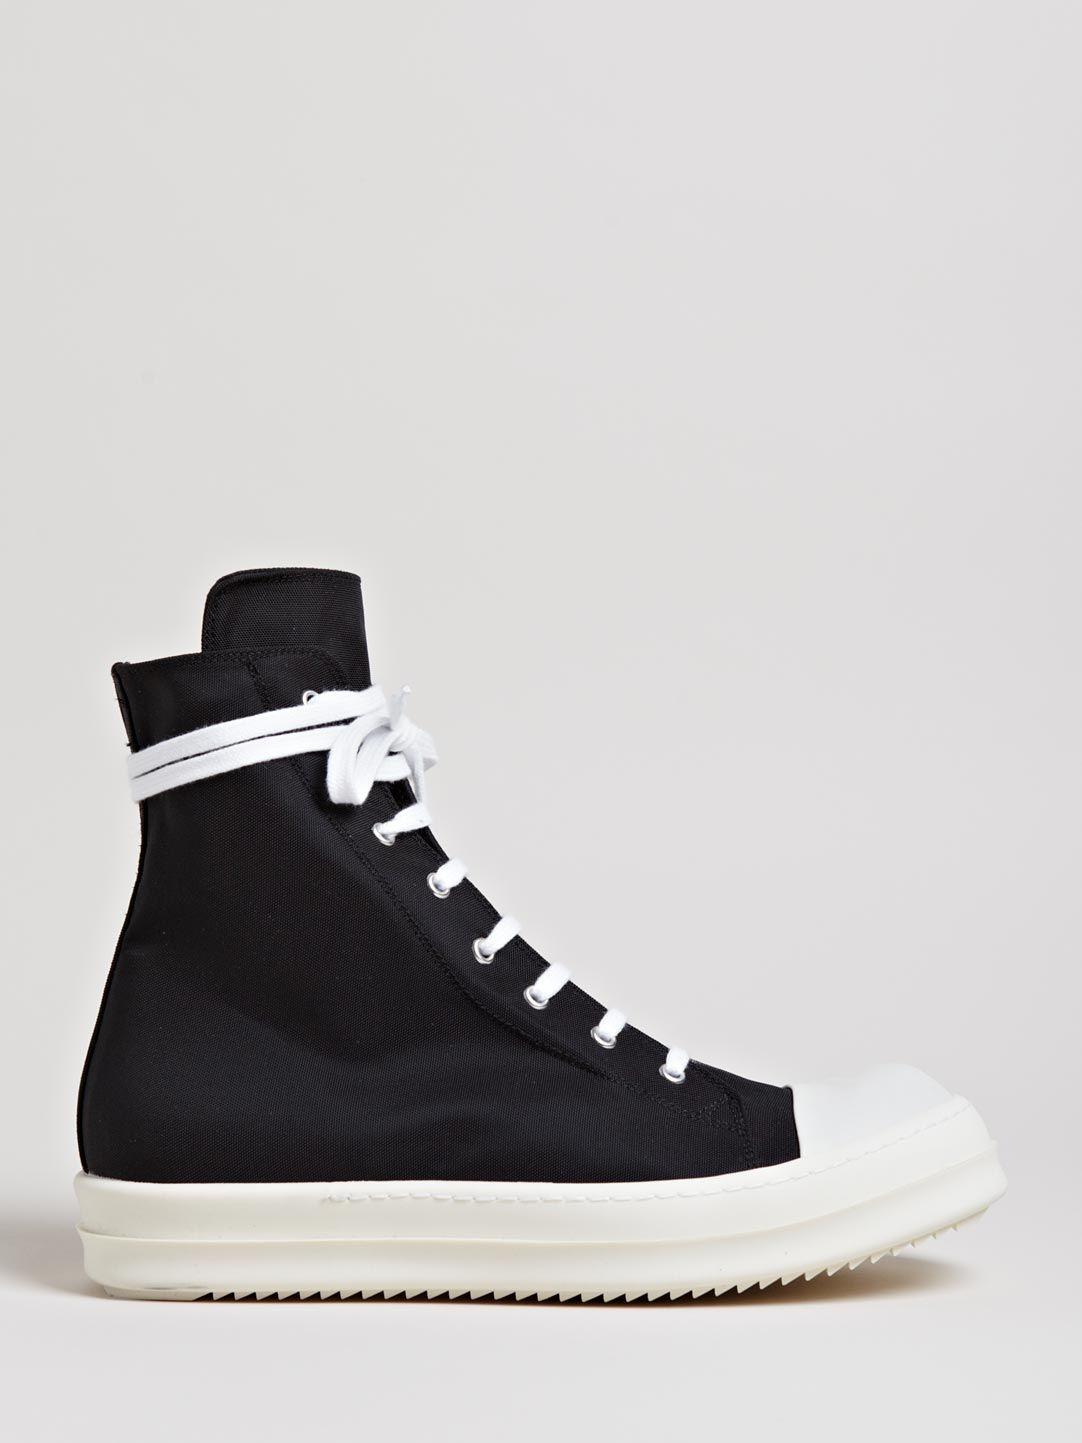 Adidas By Rick Owens Adidas x Rick Owens 'Tech Runner' sneakers - Black farfetch neri Pelle Precio Barato Originales Envío Gratis Para Comprar d7vEF9h